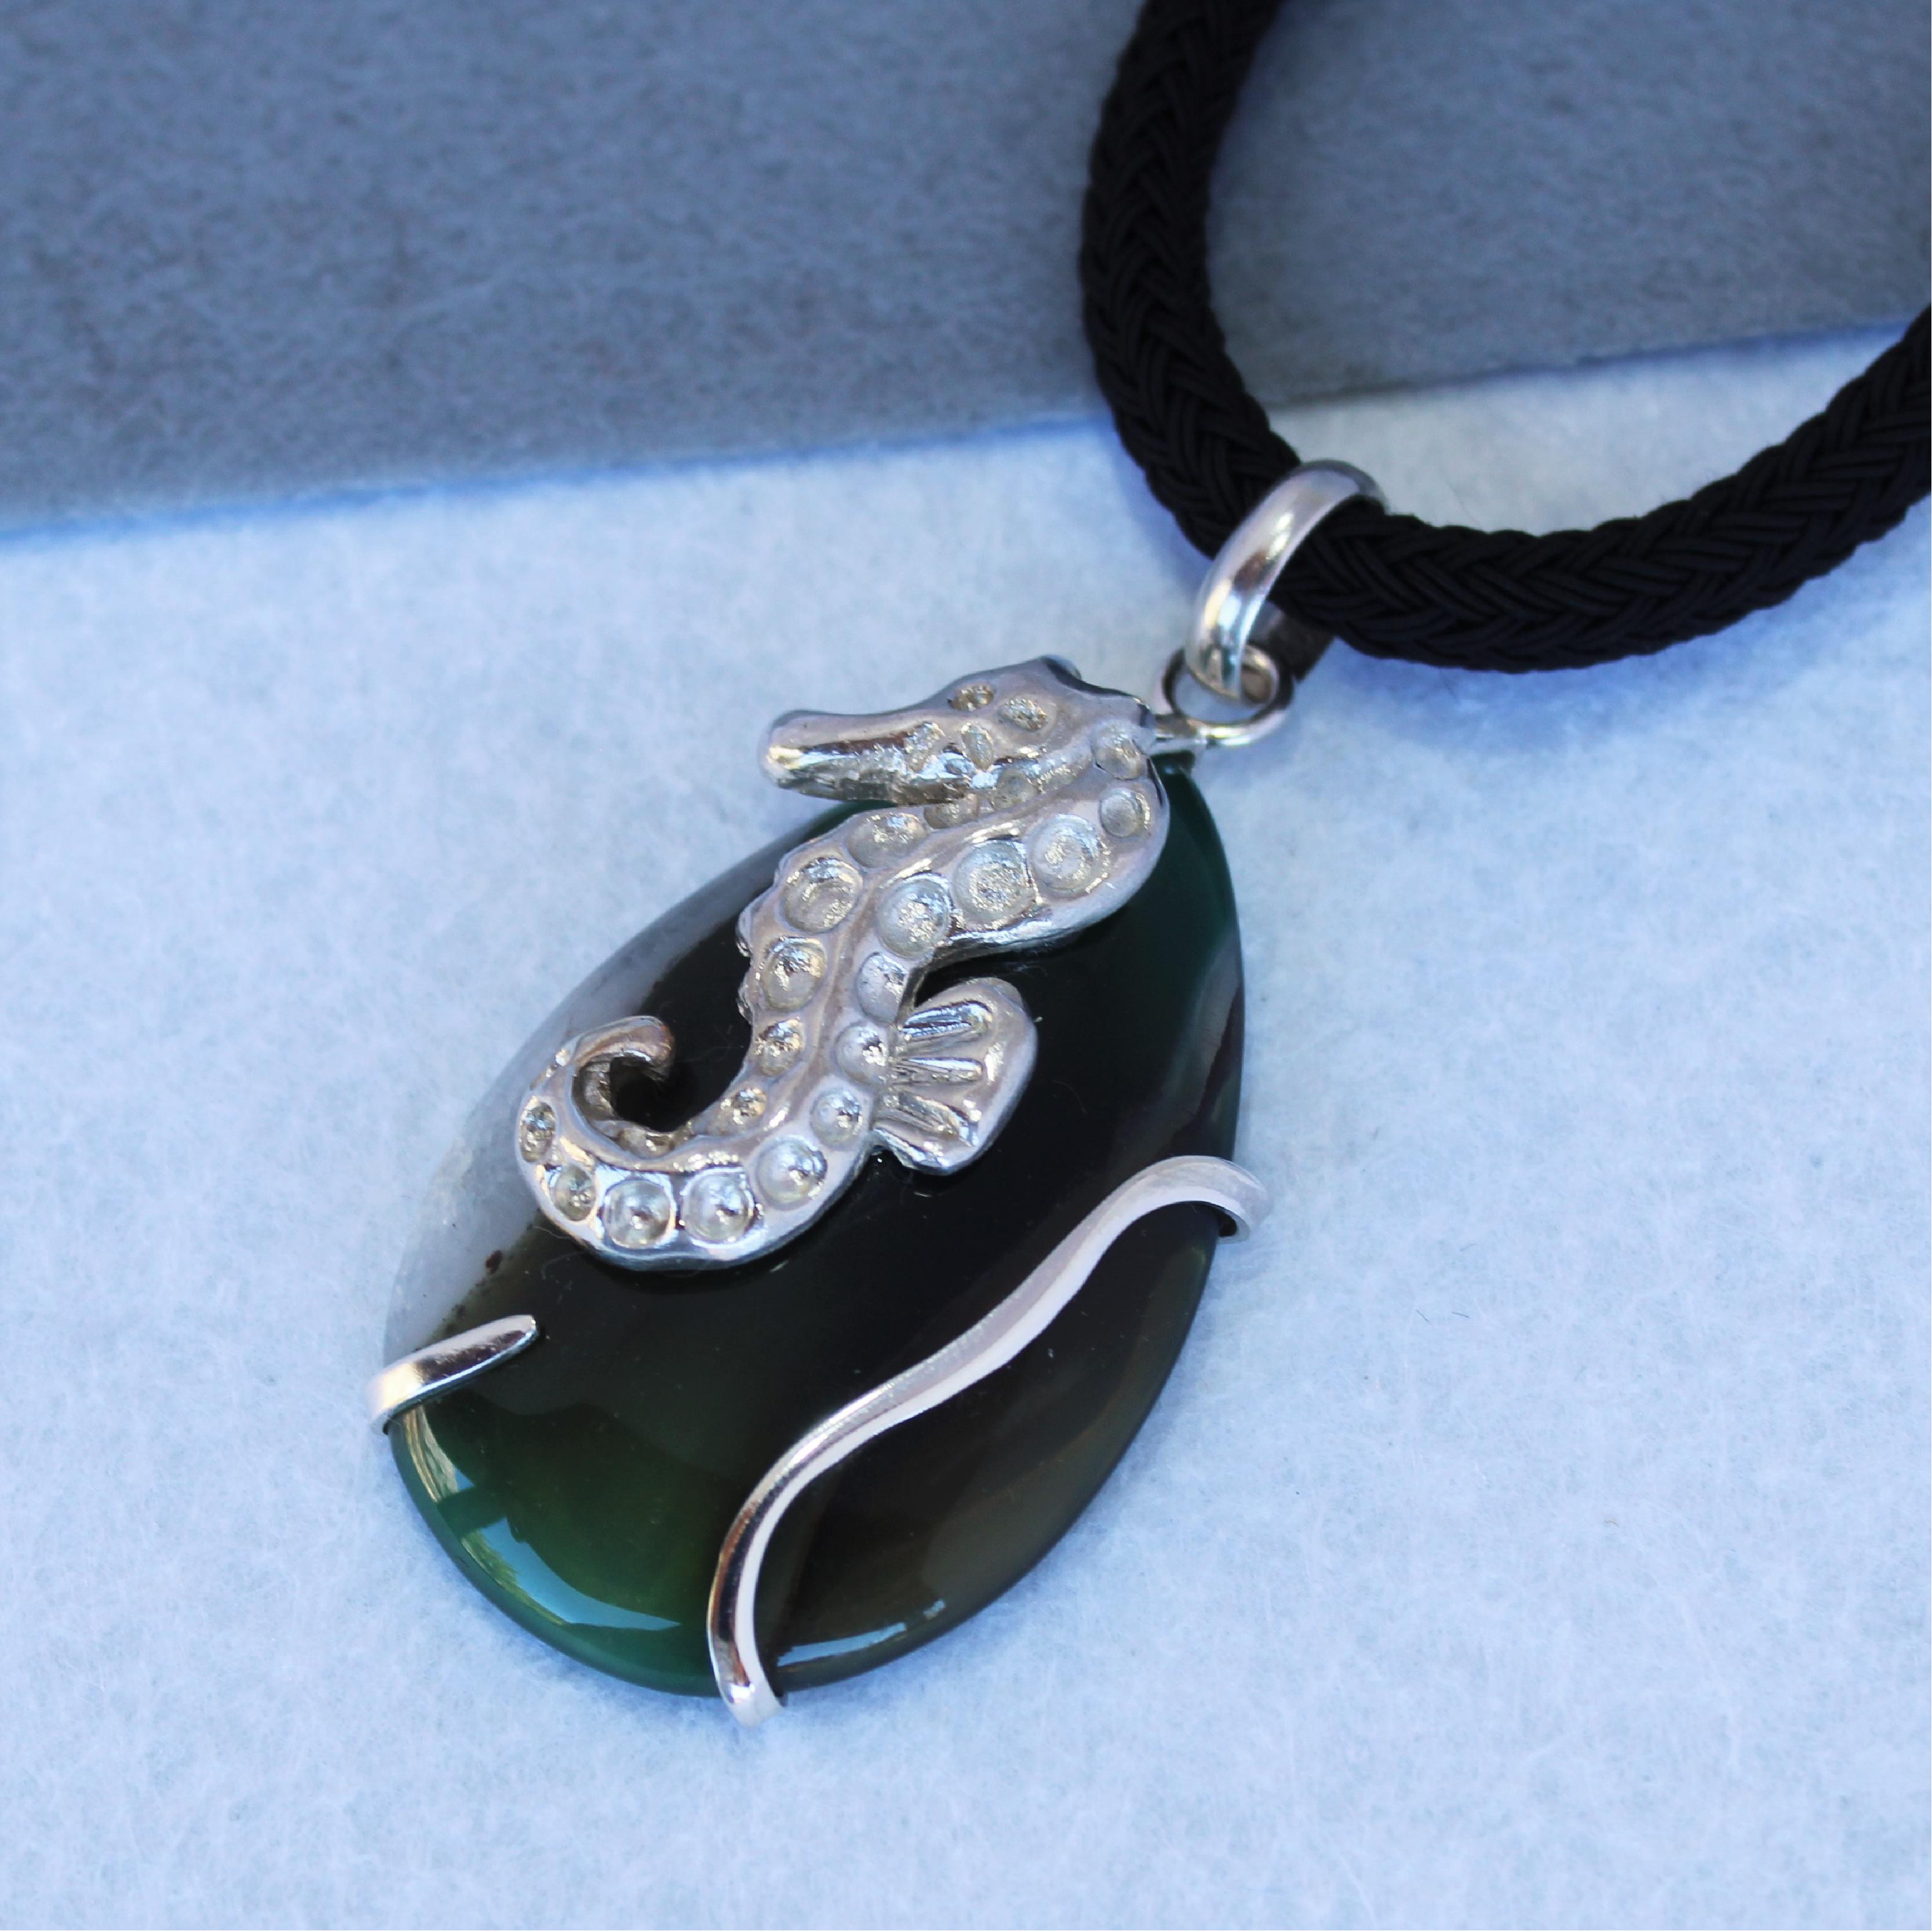 Colgante pieza única, caballito de mar en plata de ley 925 y ágata verde